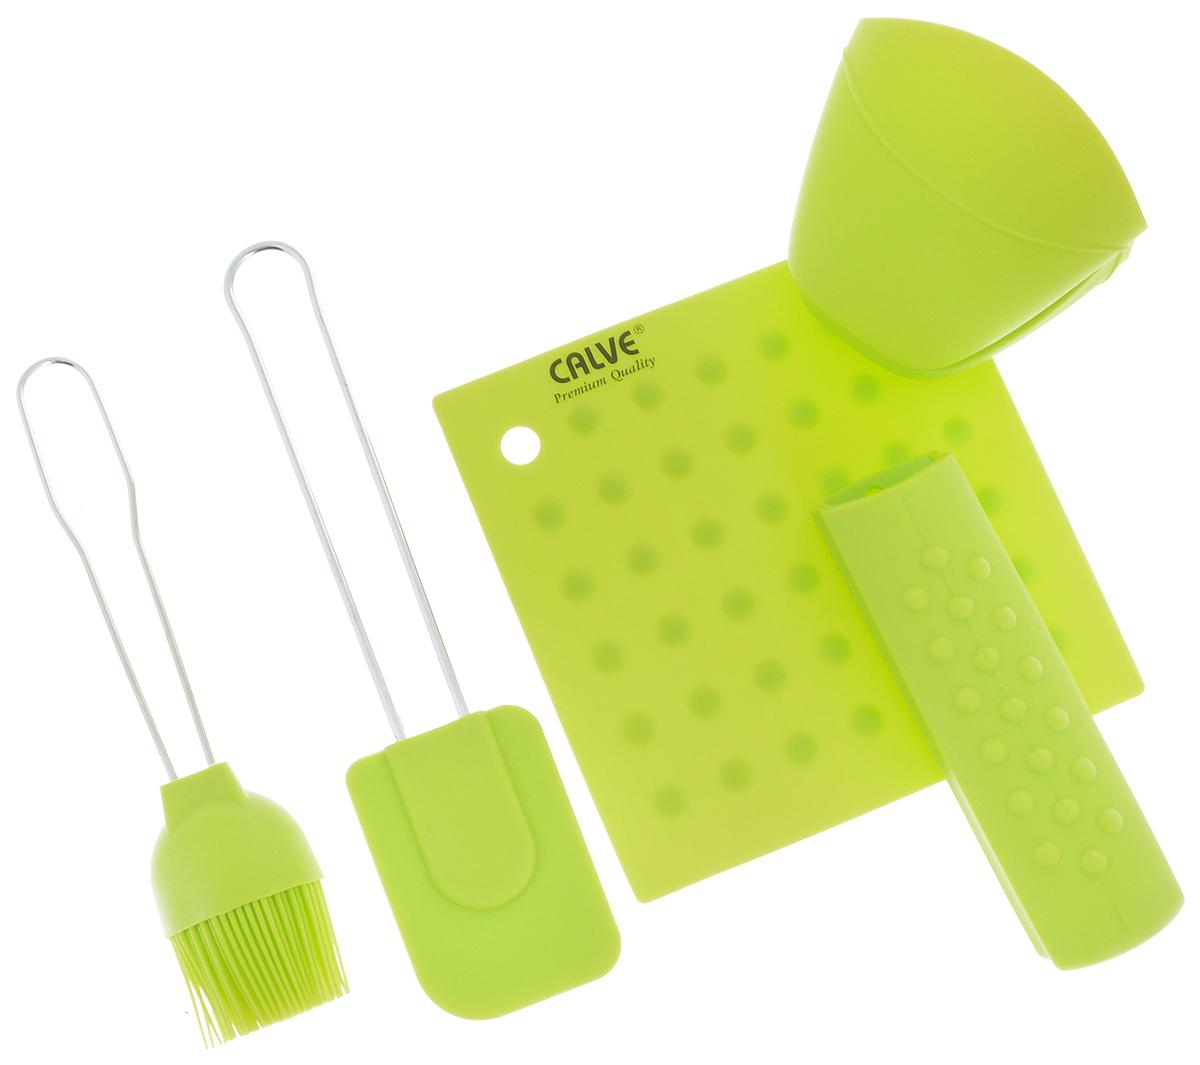 Набор для выпечки Calve, цвет: салатовый, 5 предметов115610Набор для выпечки Calve состоит из подставки под горячее, лопатки, кисточки, прихватки на ручку и прихватки для пальцев. Это самые востребованные приборы для приготовления выпечки. Все предметы набора выполнены из высококачественного и термостойкого силикона. Ручки лопатки и кисточки выполнены из нержавеющей стали. Изделия безопасны для посуды с антипригарным и керамическим покрытием. Набор для выпечки Calve станет отличным дополнением к коллекции ваших кухонных аксессуаров. Размер подставки под горячее: 17 х 17 см.Размер рабочей поверхности лопатки: 8,5 х 6 х 1 см.Общая длина лопатки: 25 см.Размер рабочей поверхности кисти: 8 х 5 х 2,3 см.Общая длина кисти: 21,5 см.Размер прихватки для пальцев: 10 х 9 х 8 см. Длина прихватки на ручку: 15,5 см.